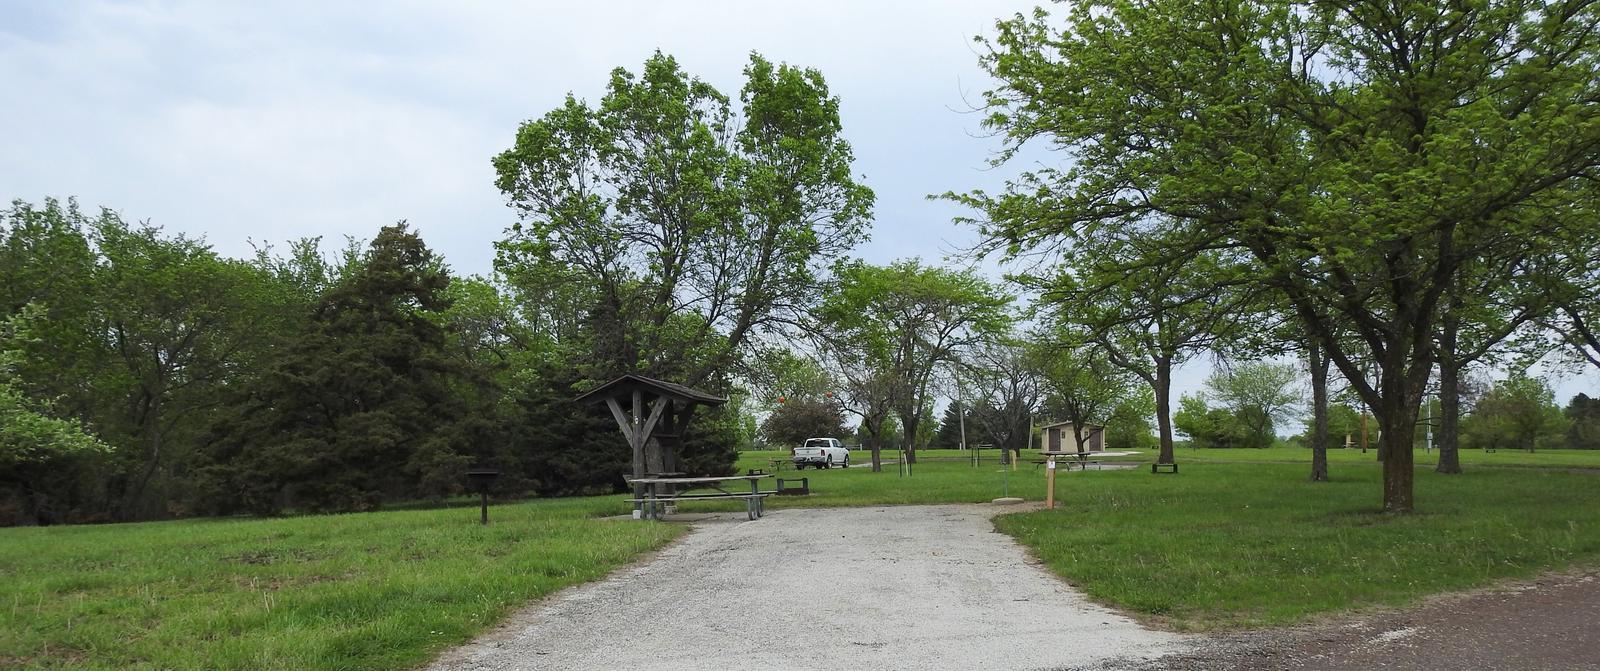 Site 29 in Turkey Point Campground